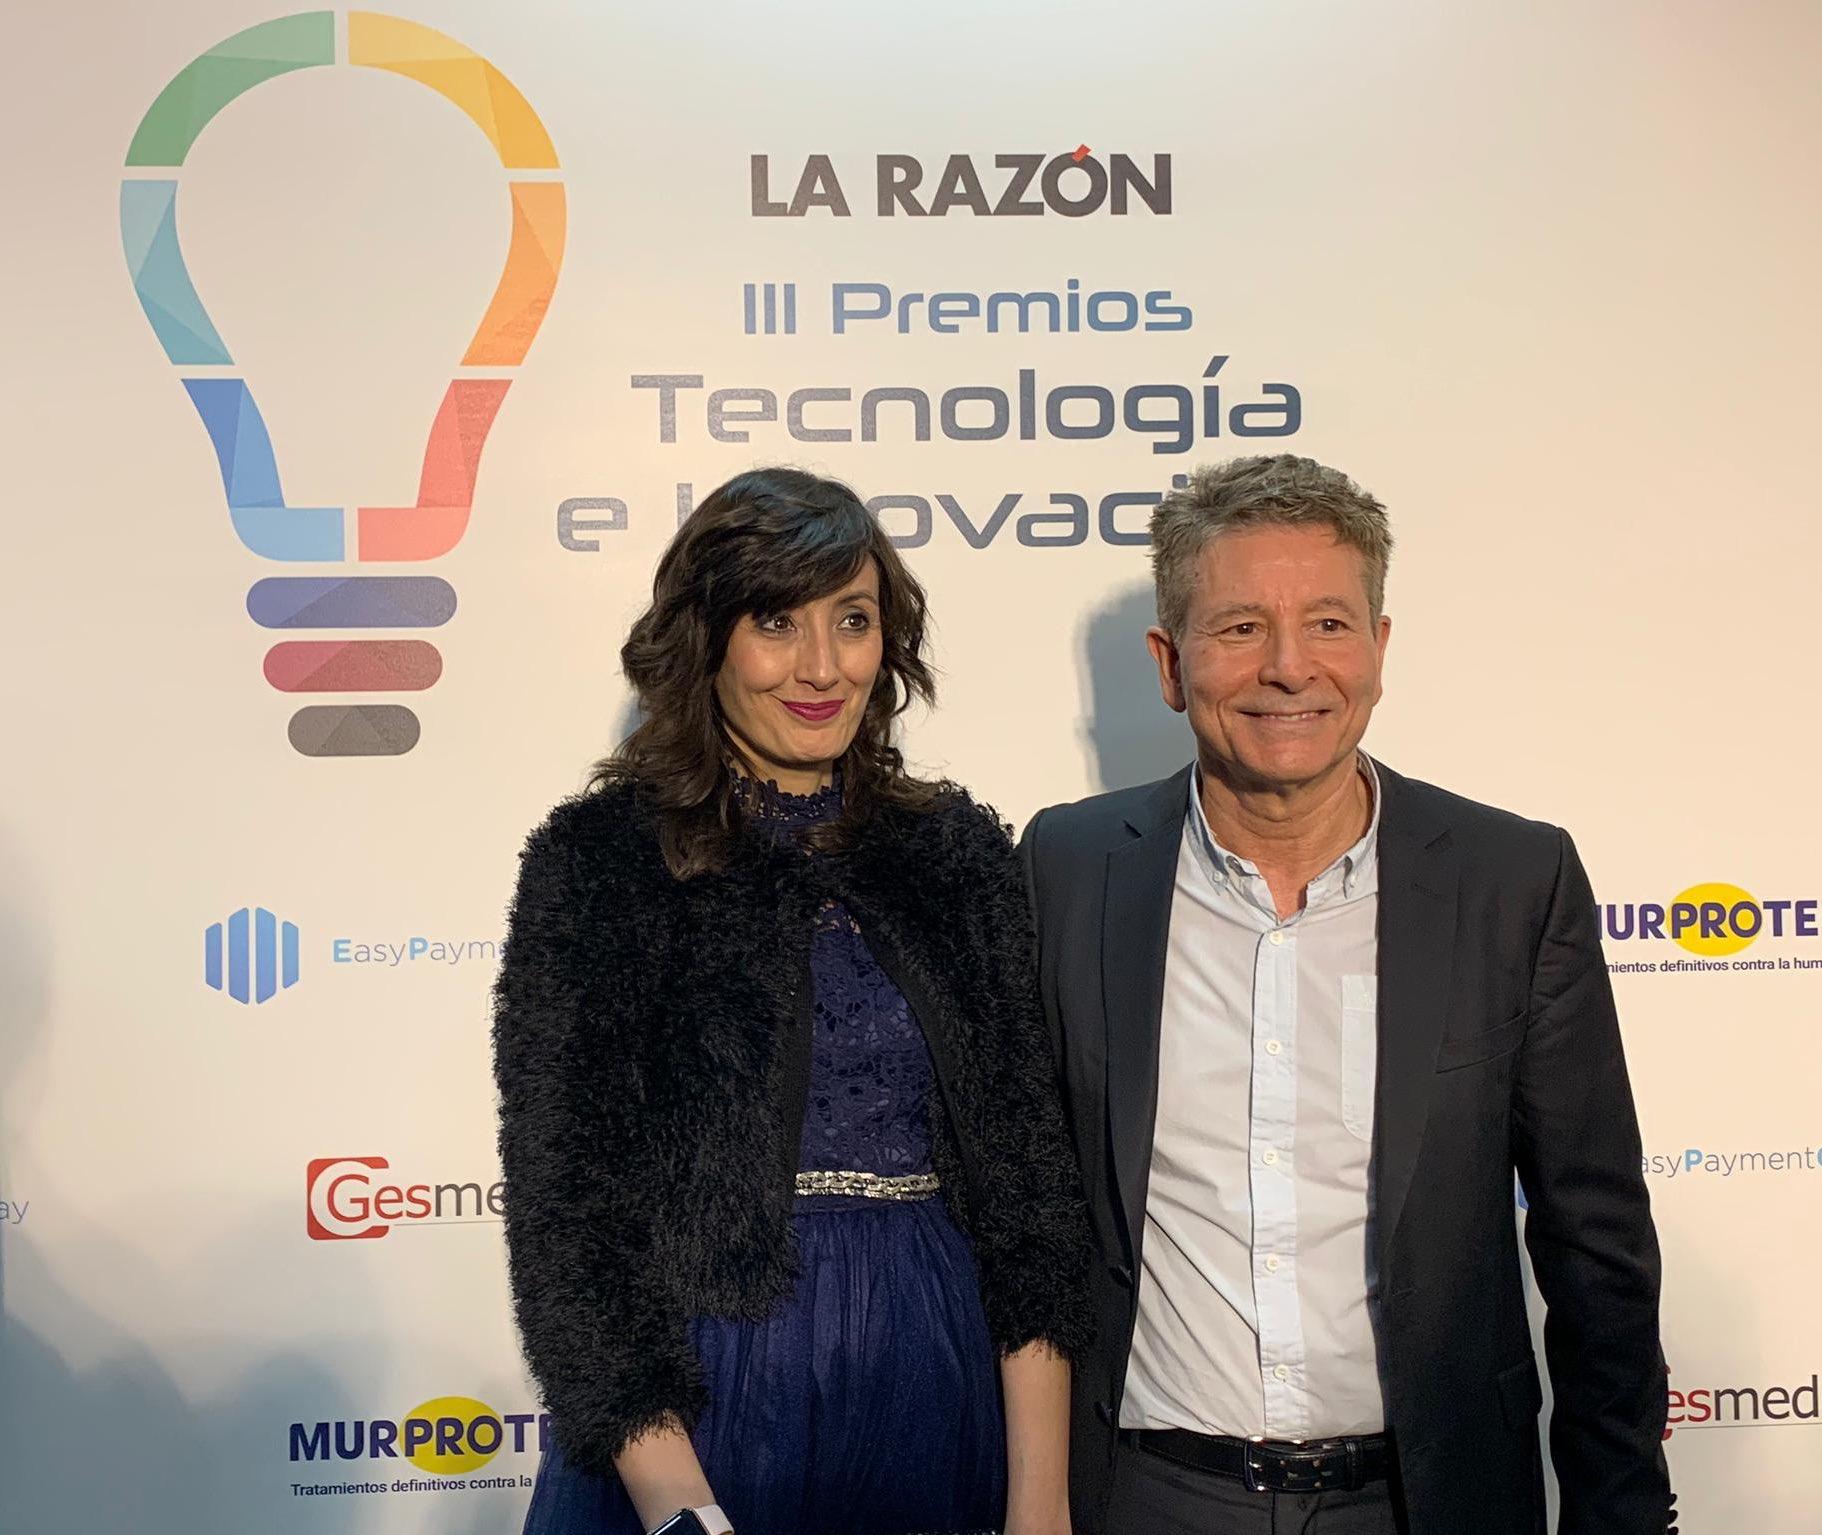 Medios que recogen la noticia sobre el galardón concedido por el diario la Razón en los III Premios de Tecnología e Innovación a Eurocoinpay